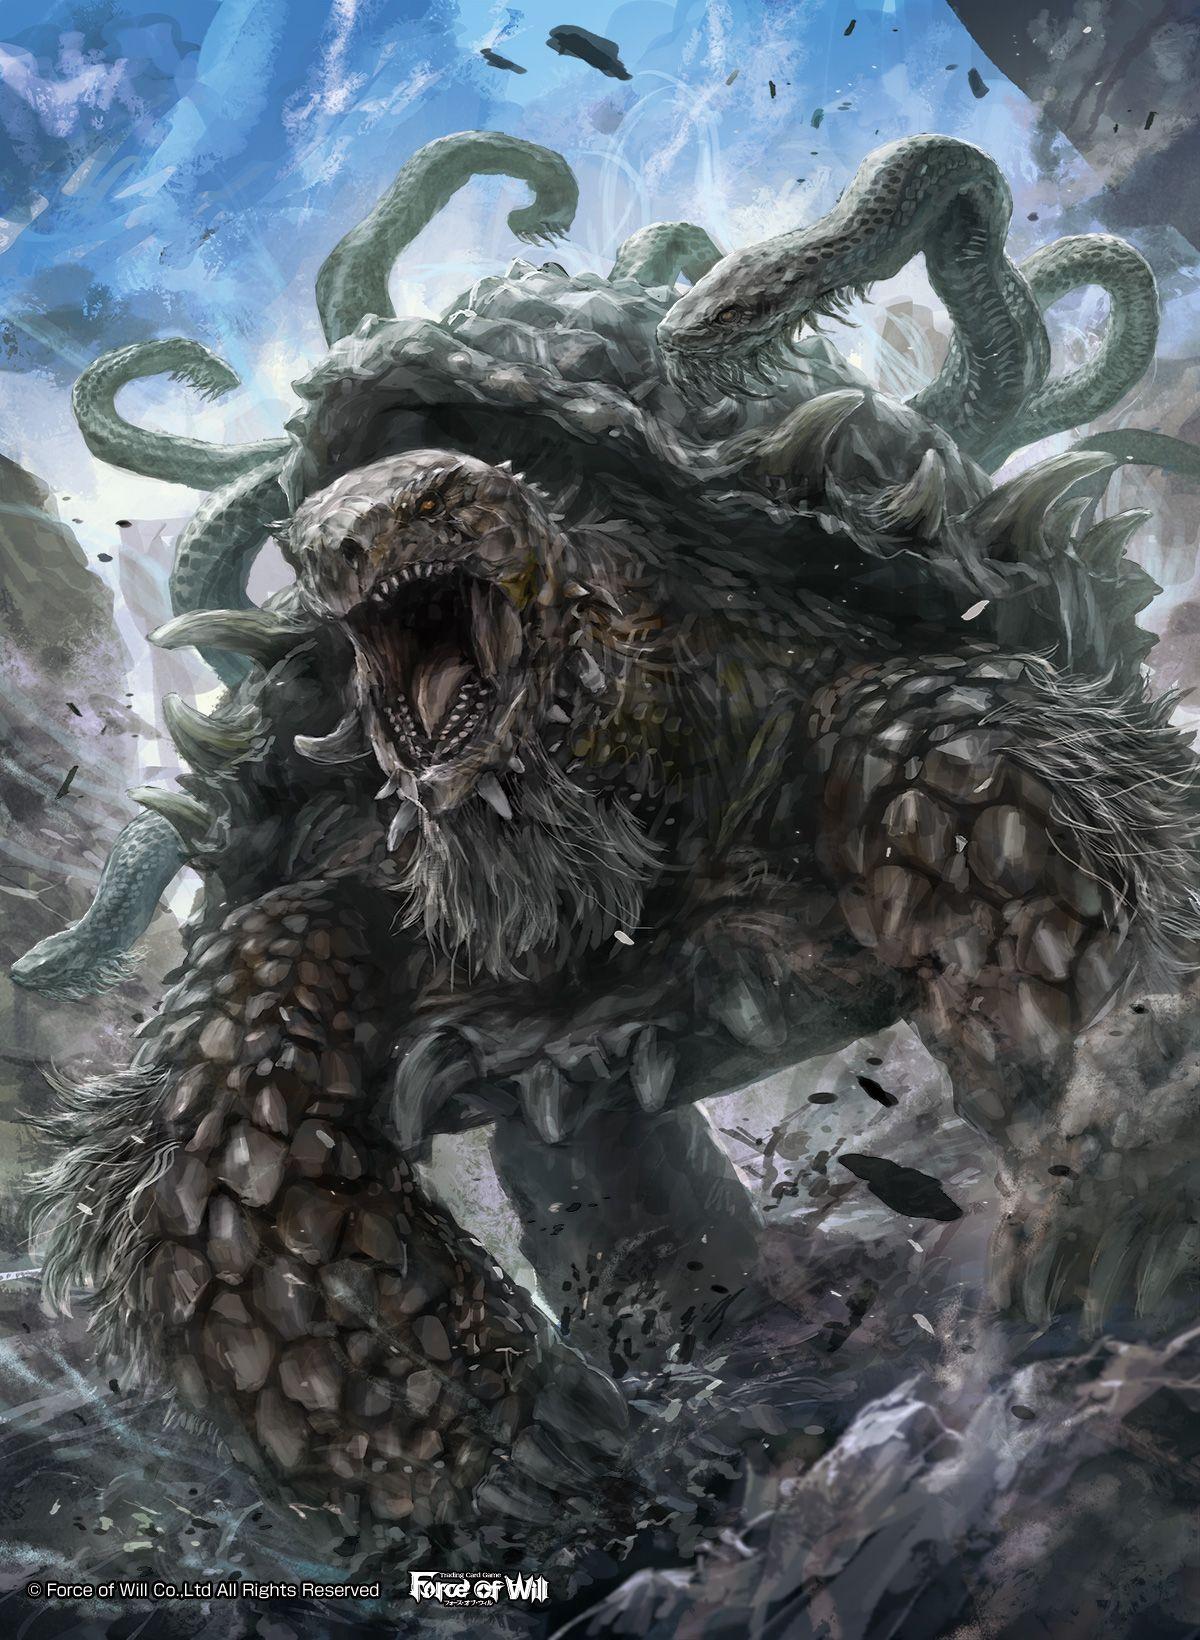 Fow四聖獣 玄武 モンスター 伝説の生き物玄武イラスト